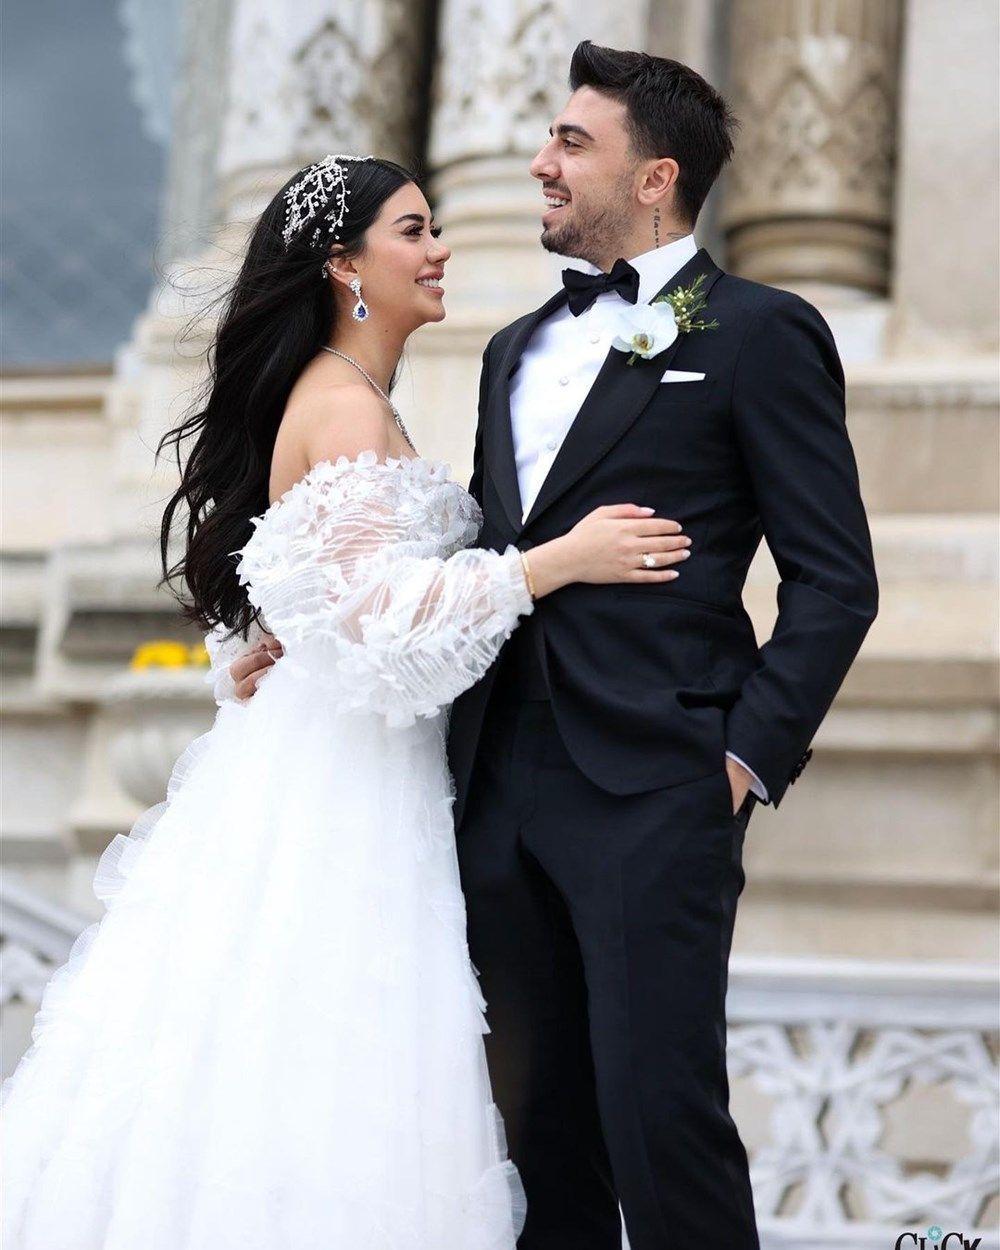 Ozan Tufan ile Rojin Haspolat Tufan'ın düğününden fotoğraflar - Sayfa 4